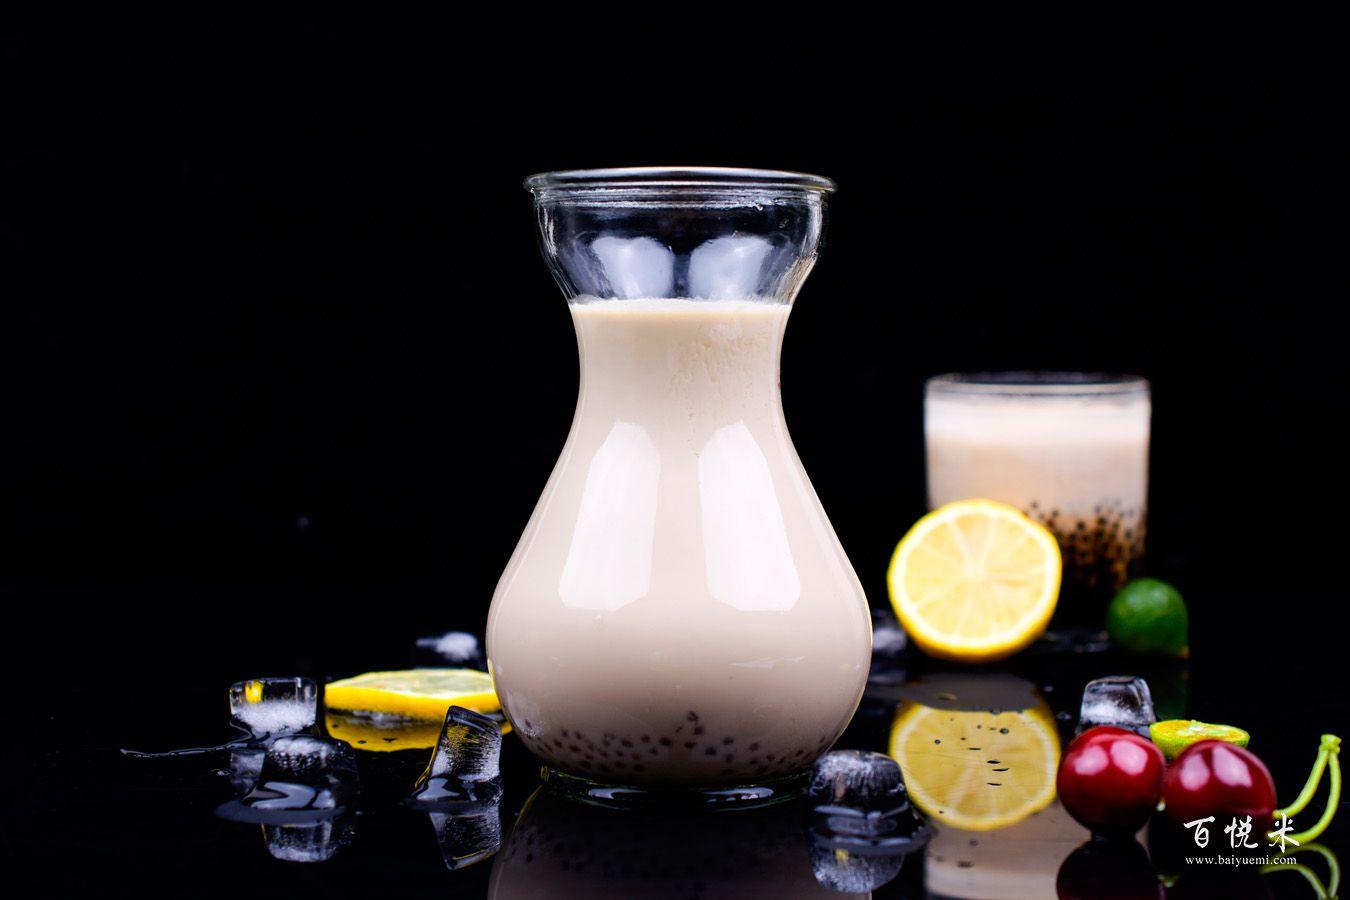 伯爵奶茶的做法大全,伯爵奶茶西点培训图文教程分享